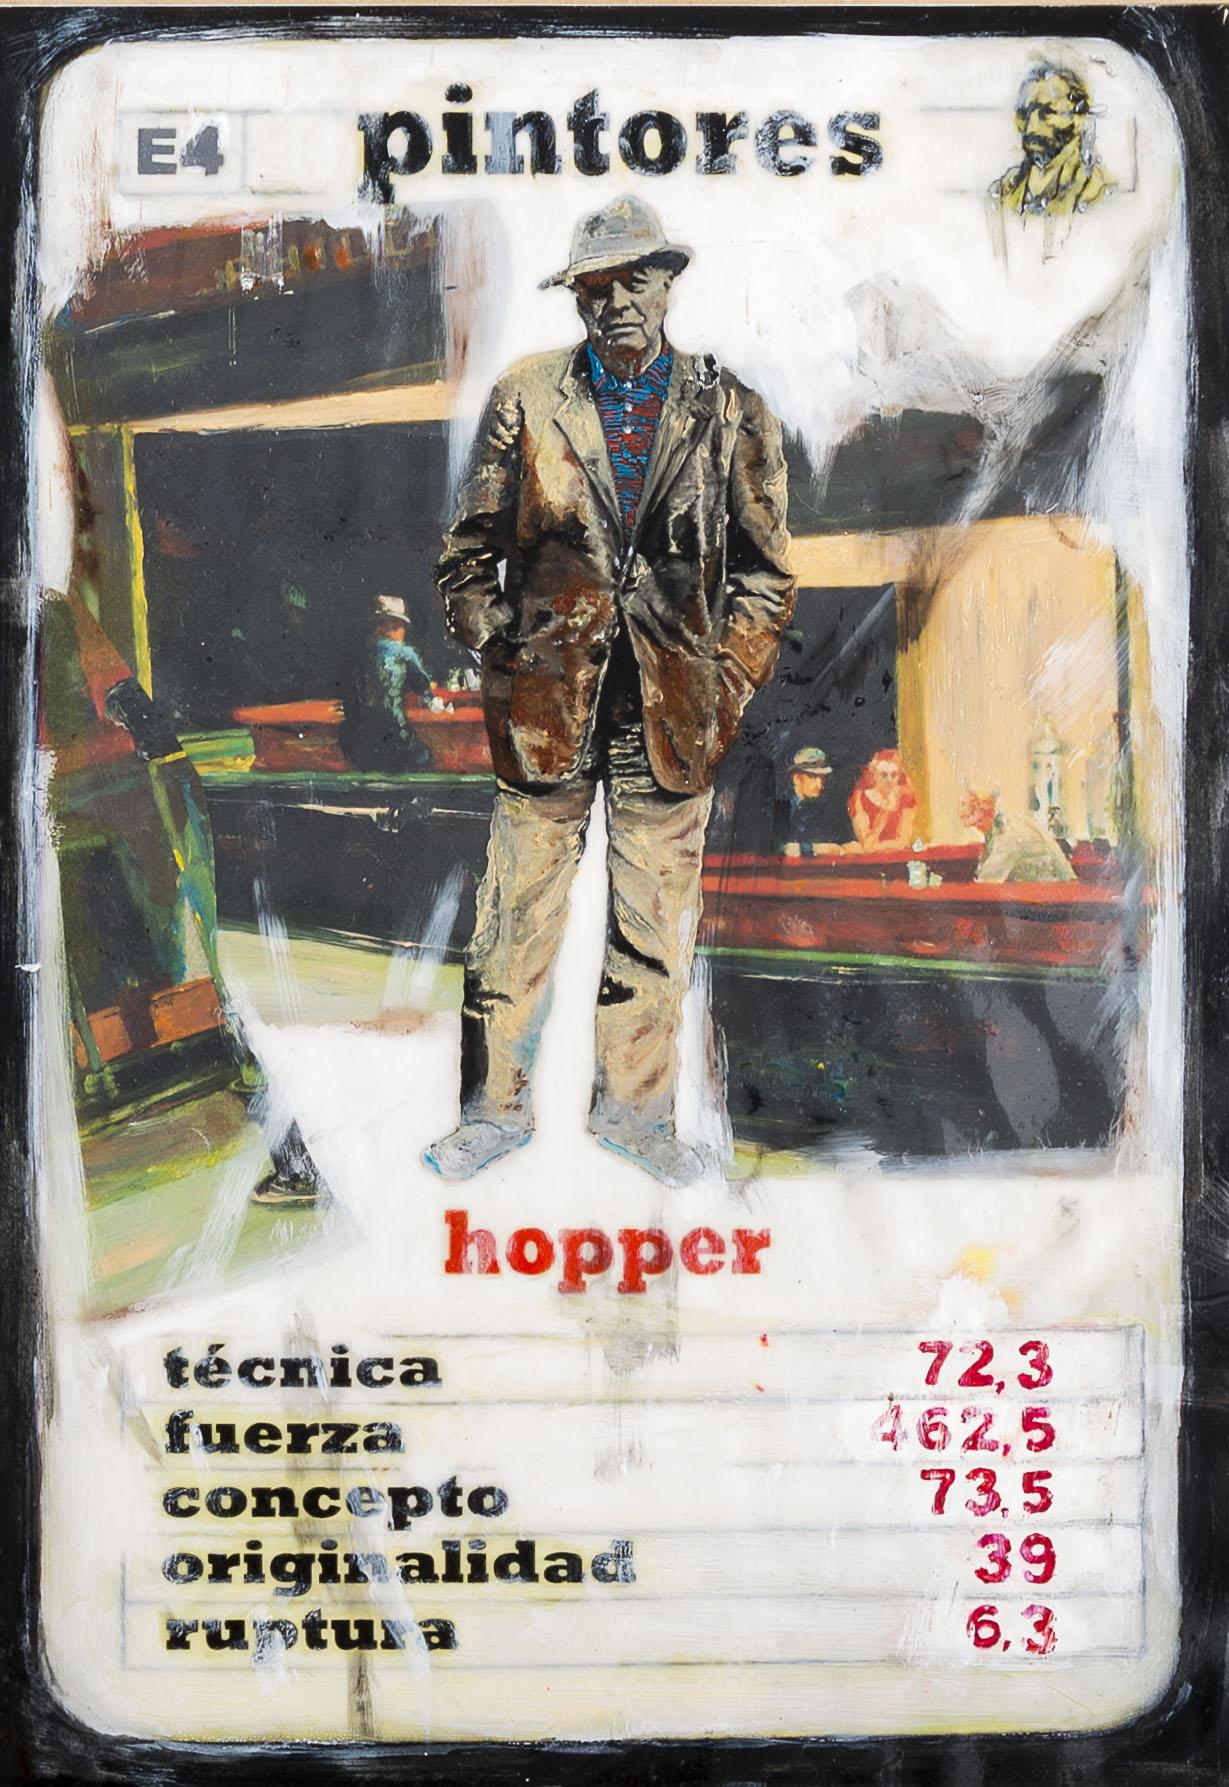 Naipe Hopper